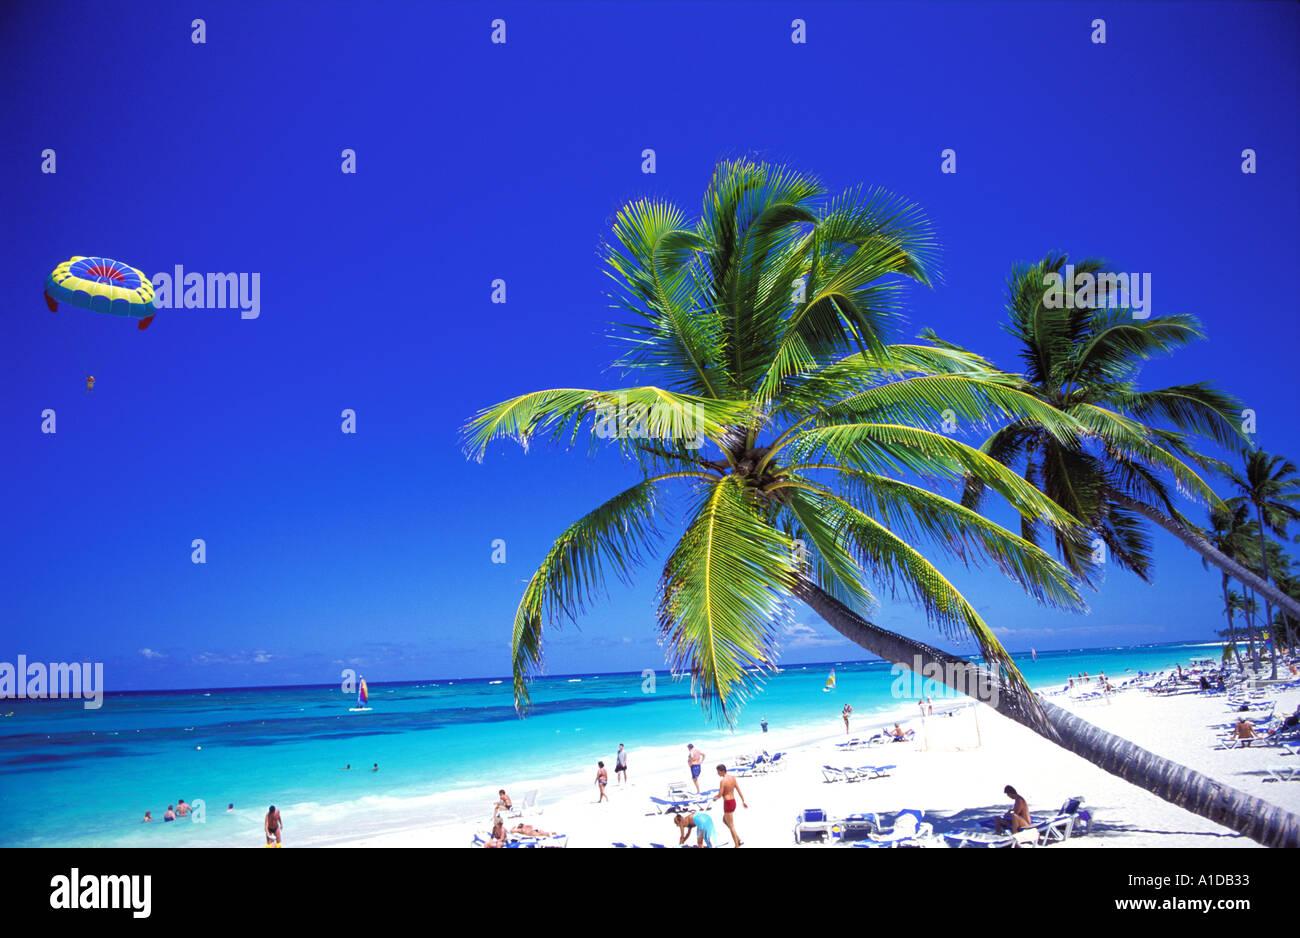 Dominikanische Republik Bavaro Beach, Strand mit Palmen Stockbild